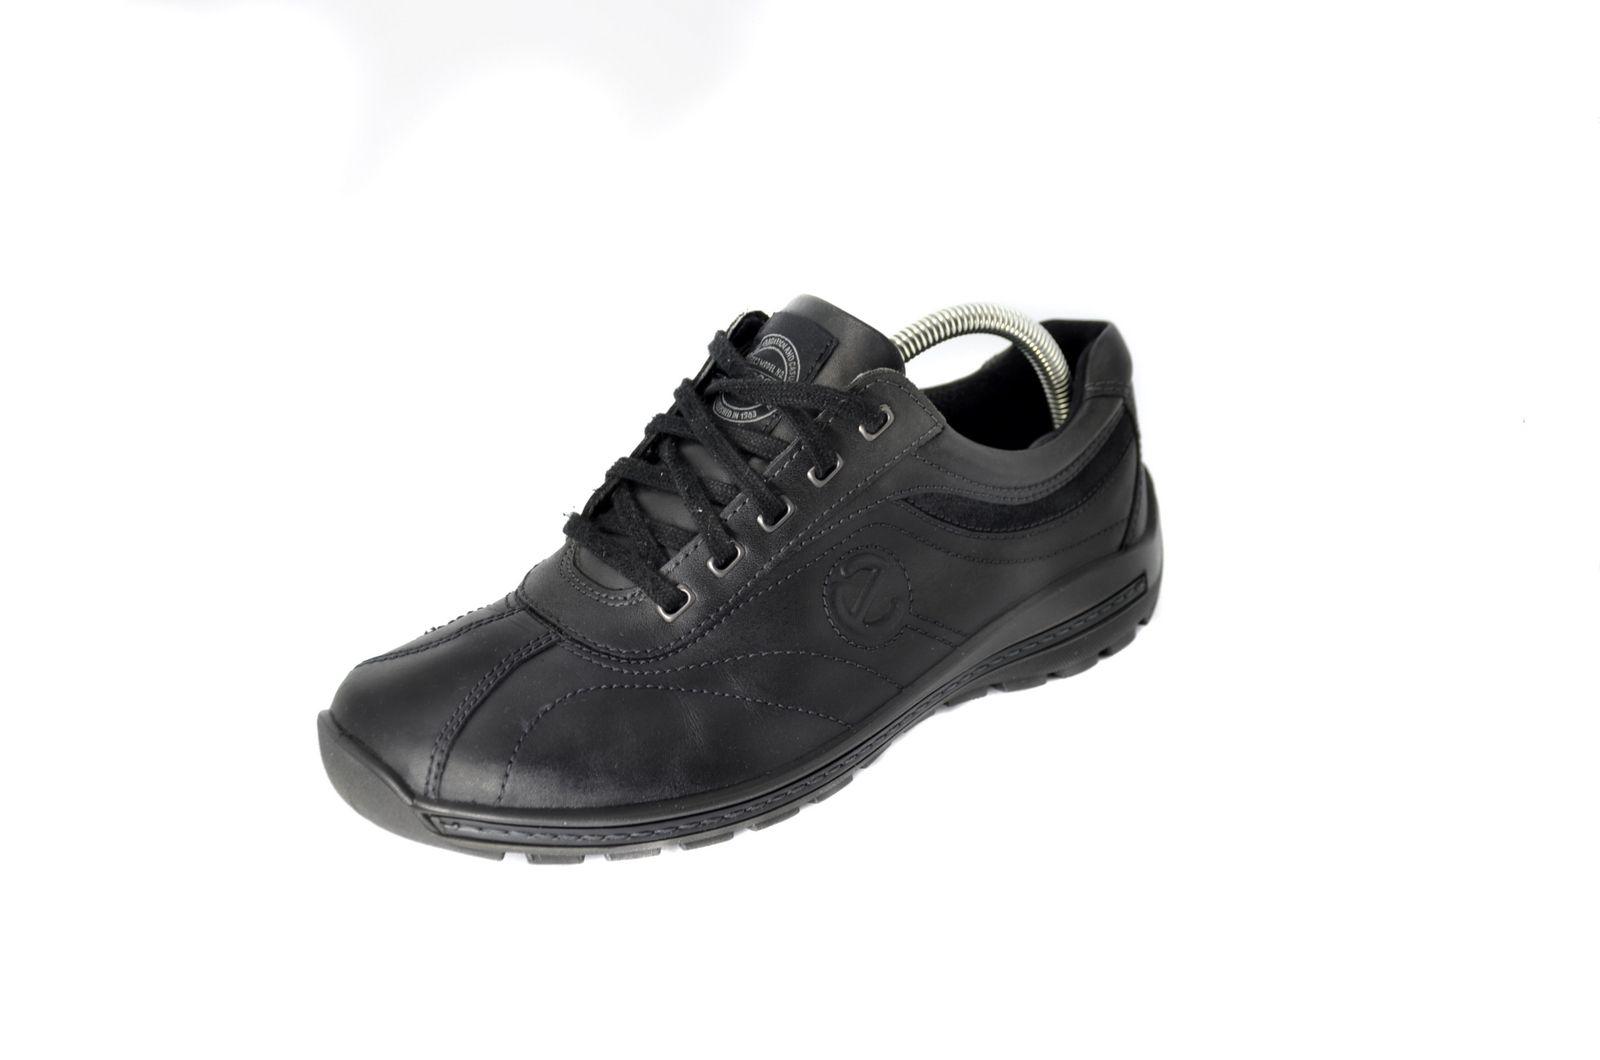 Кожаные спортивные туфли Ecco. Стелька 27 см 799 грн. Нетешин Состояние  отличное (б у). Единственный незначительный нюанс видно на фото. Фото  реальные. c3e4b77decea8